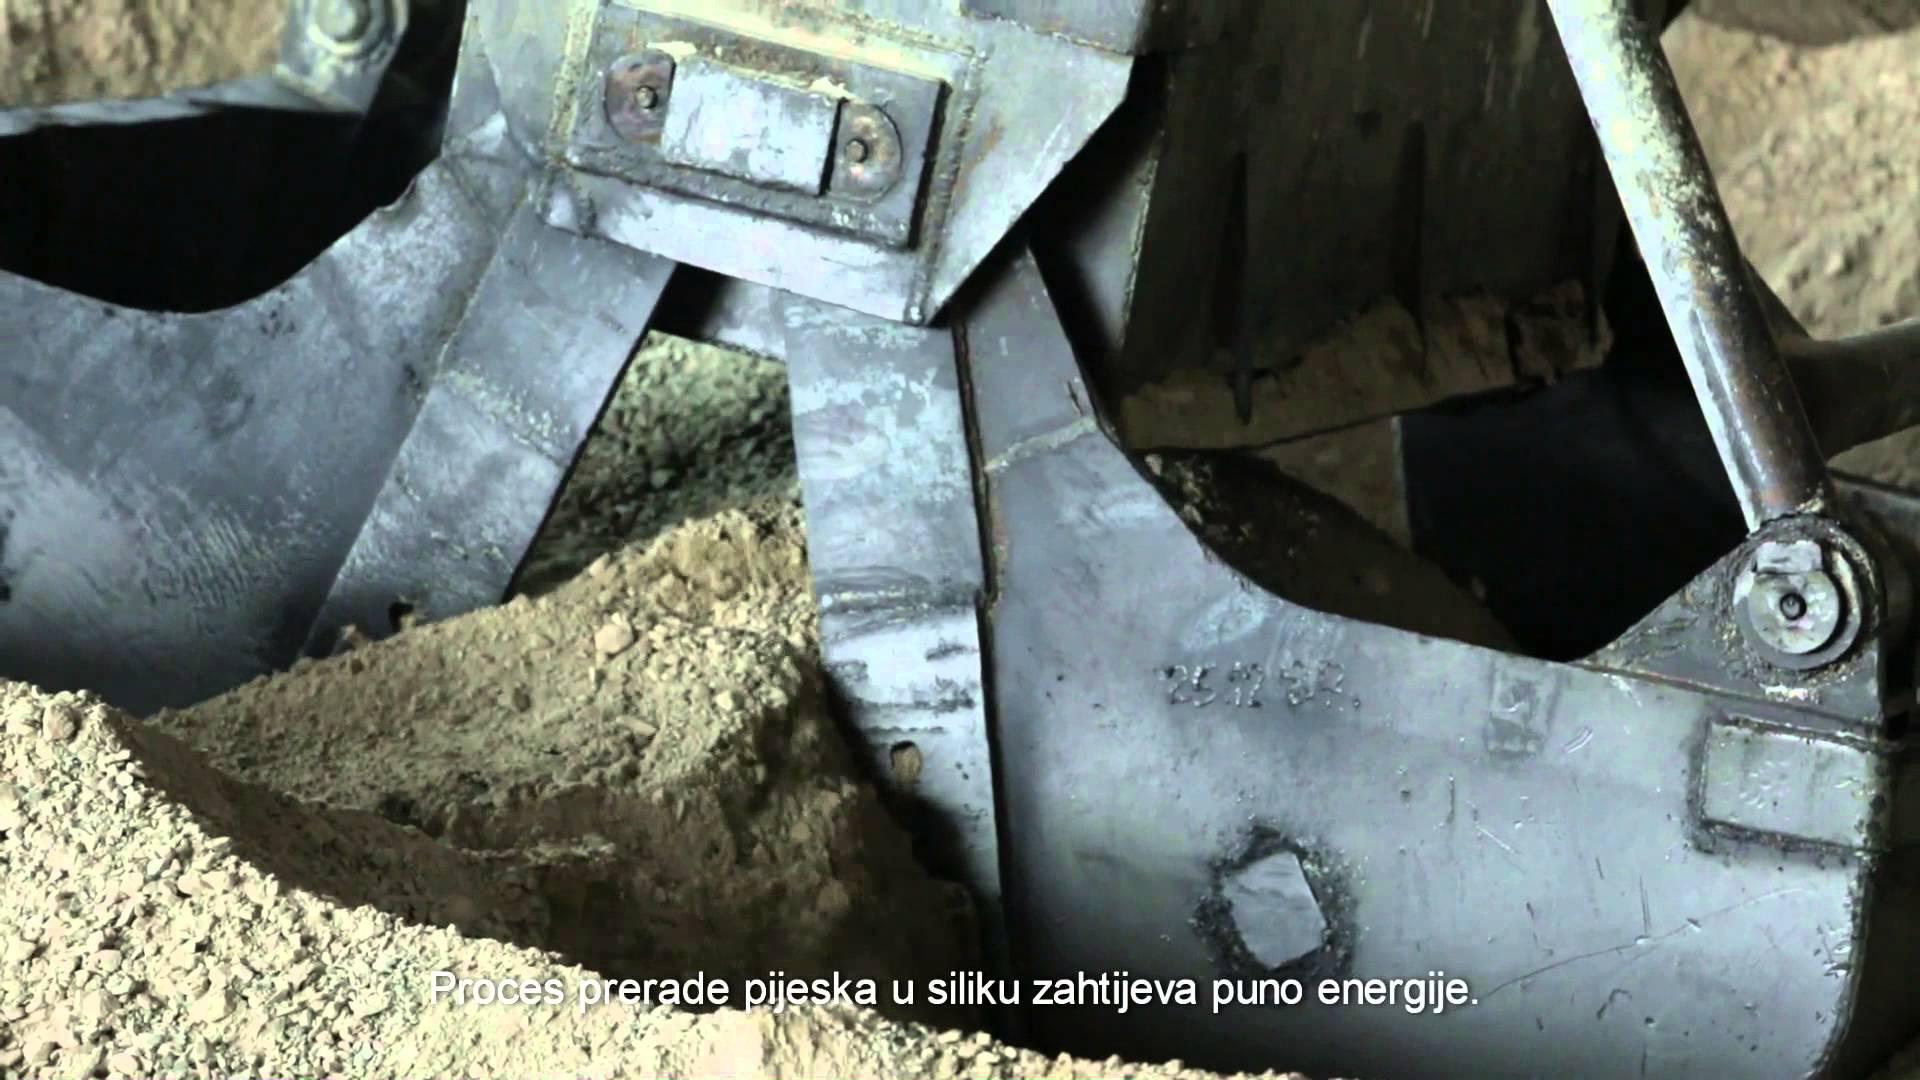 Goodyear će započeti proizvodnju prvih guma sa silikom dobivenom iz pepela rižine pljeve.